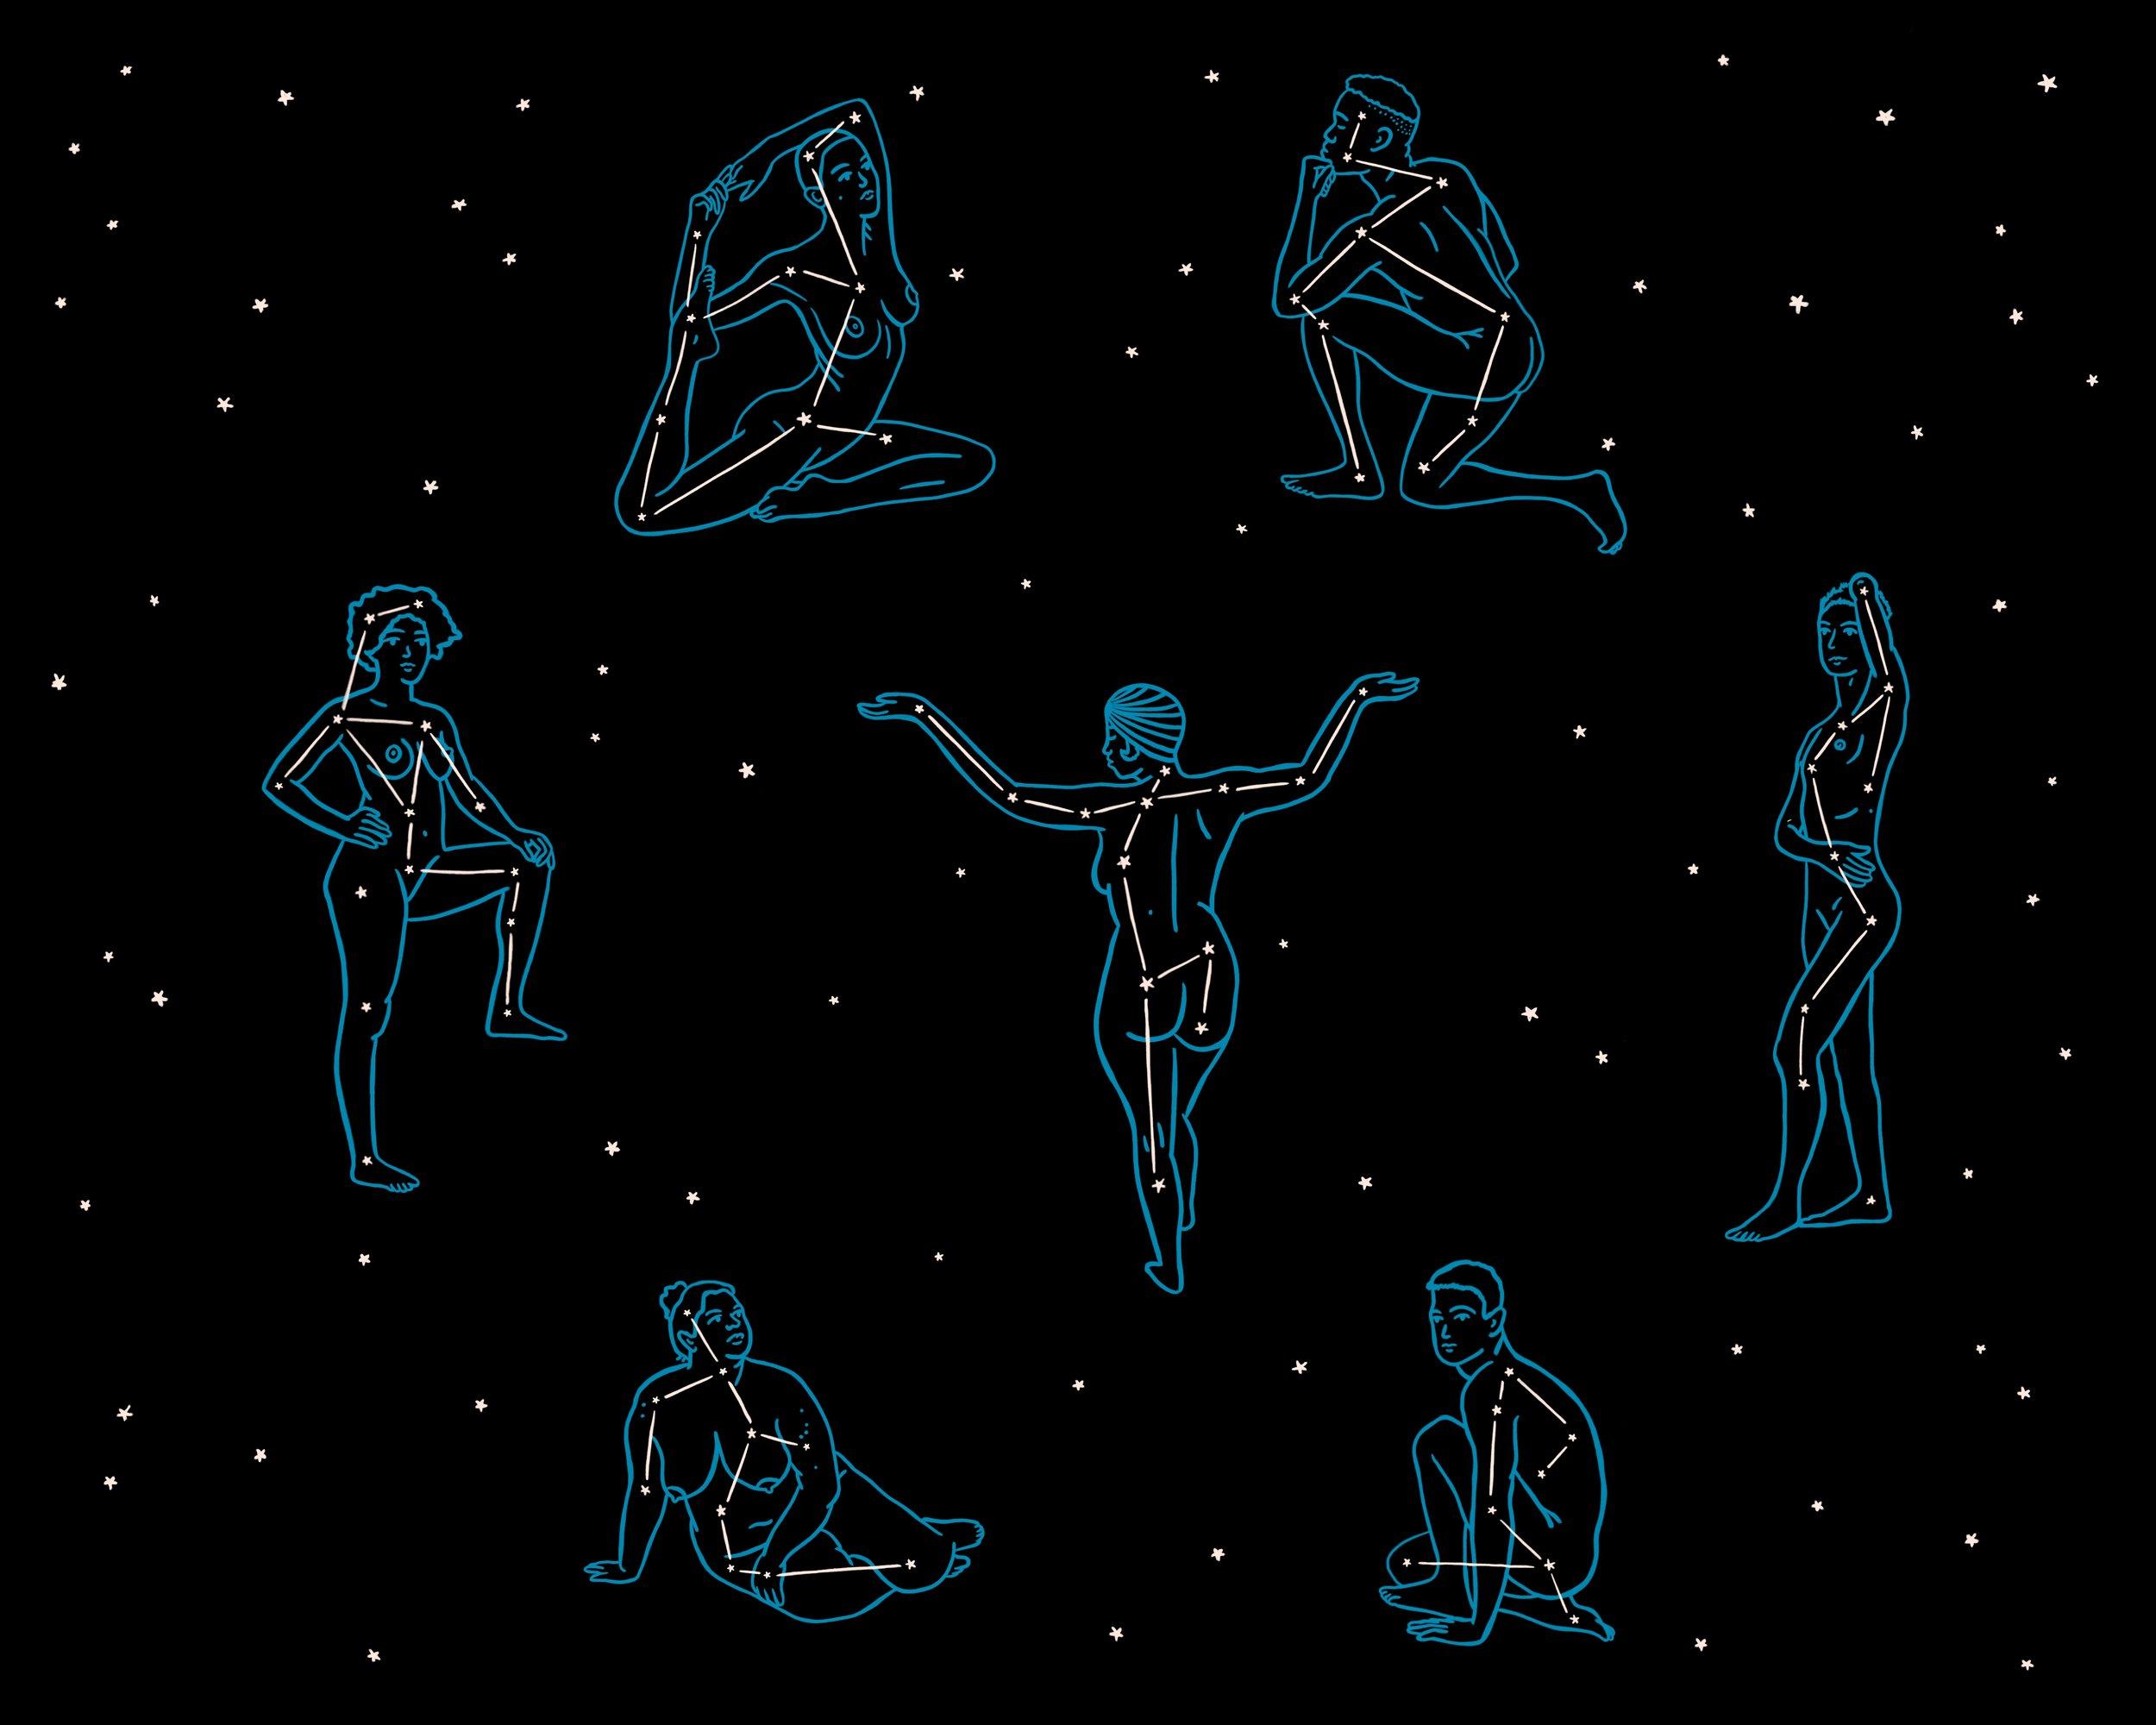 Celestial_Bodies.jpg